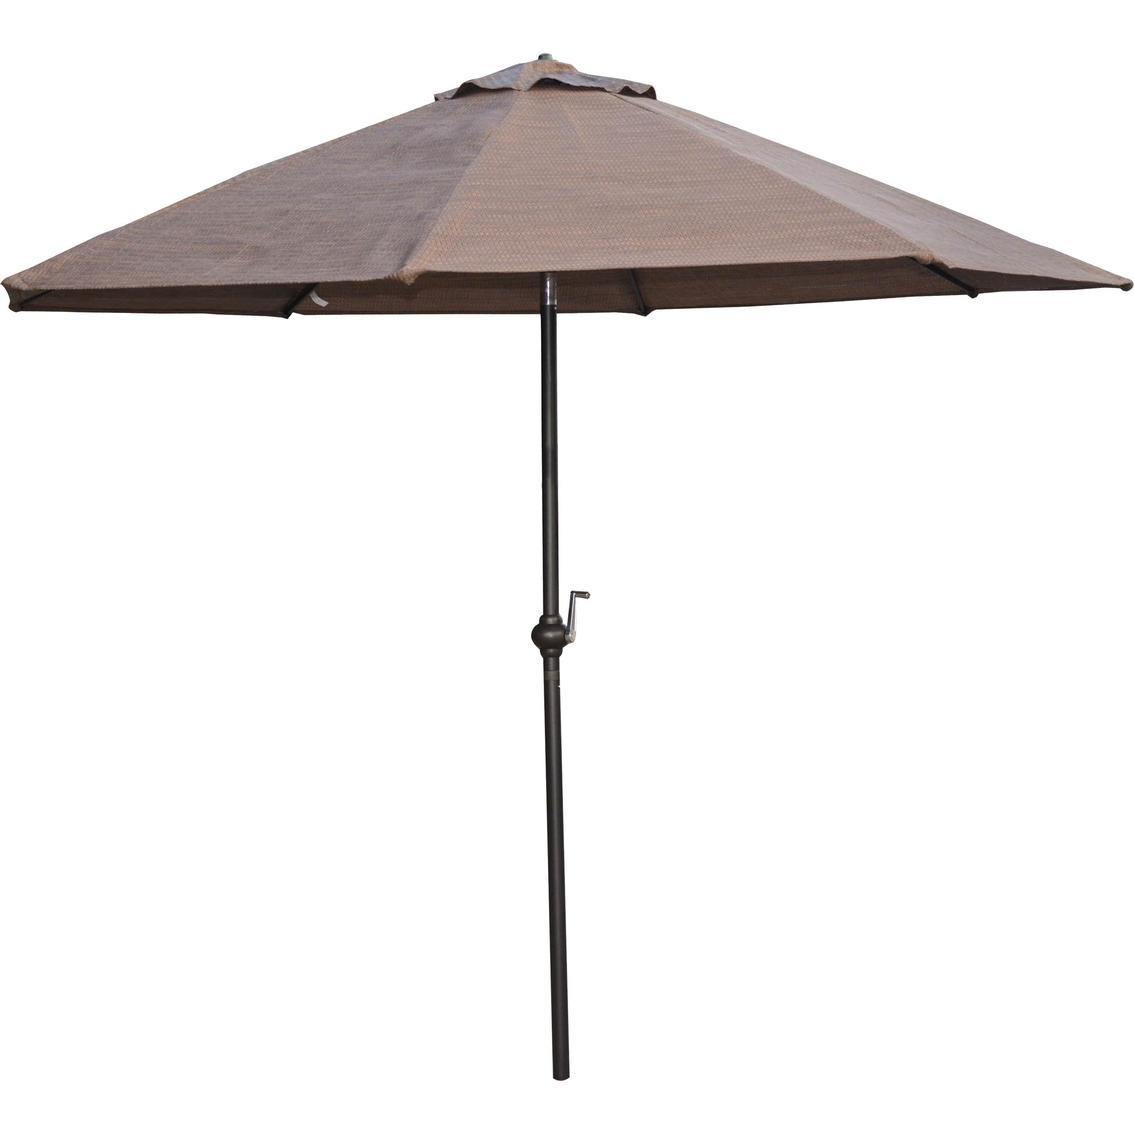 Backyard Table Umbrella : Patio Logic Garden Point 9 Ft Market Umbrella  Table Umbrellas